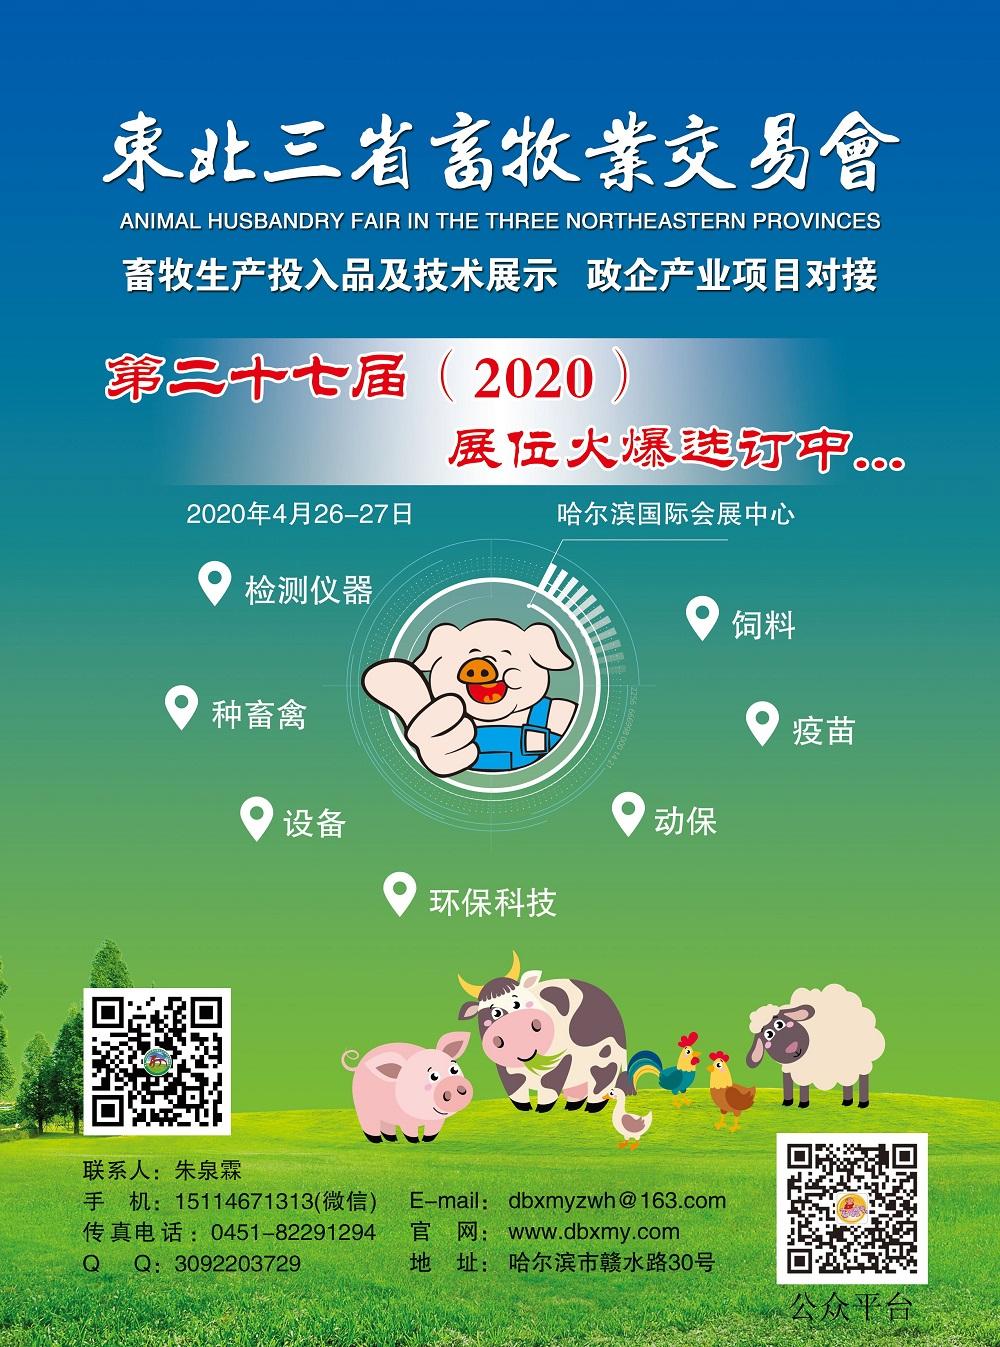 平面宣传图---2020年平面广告_看图王.jpg